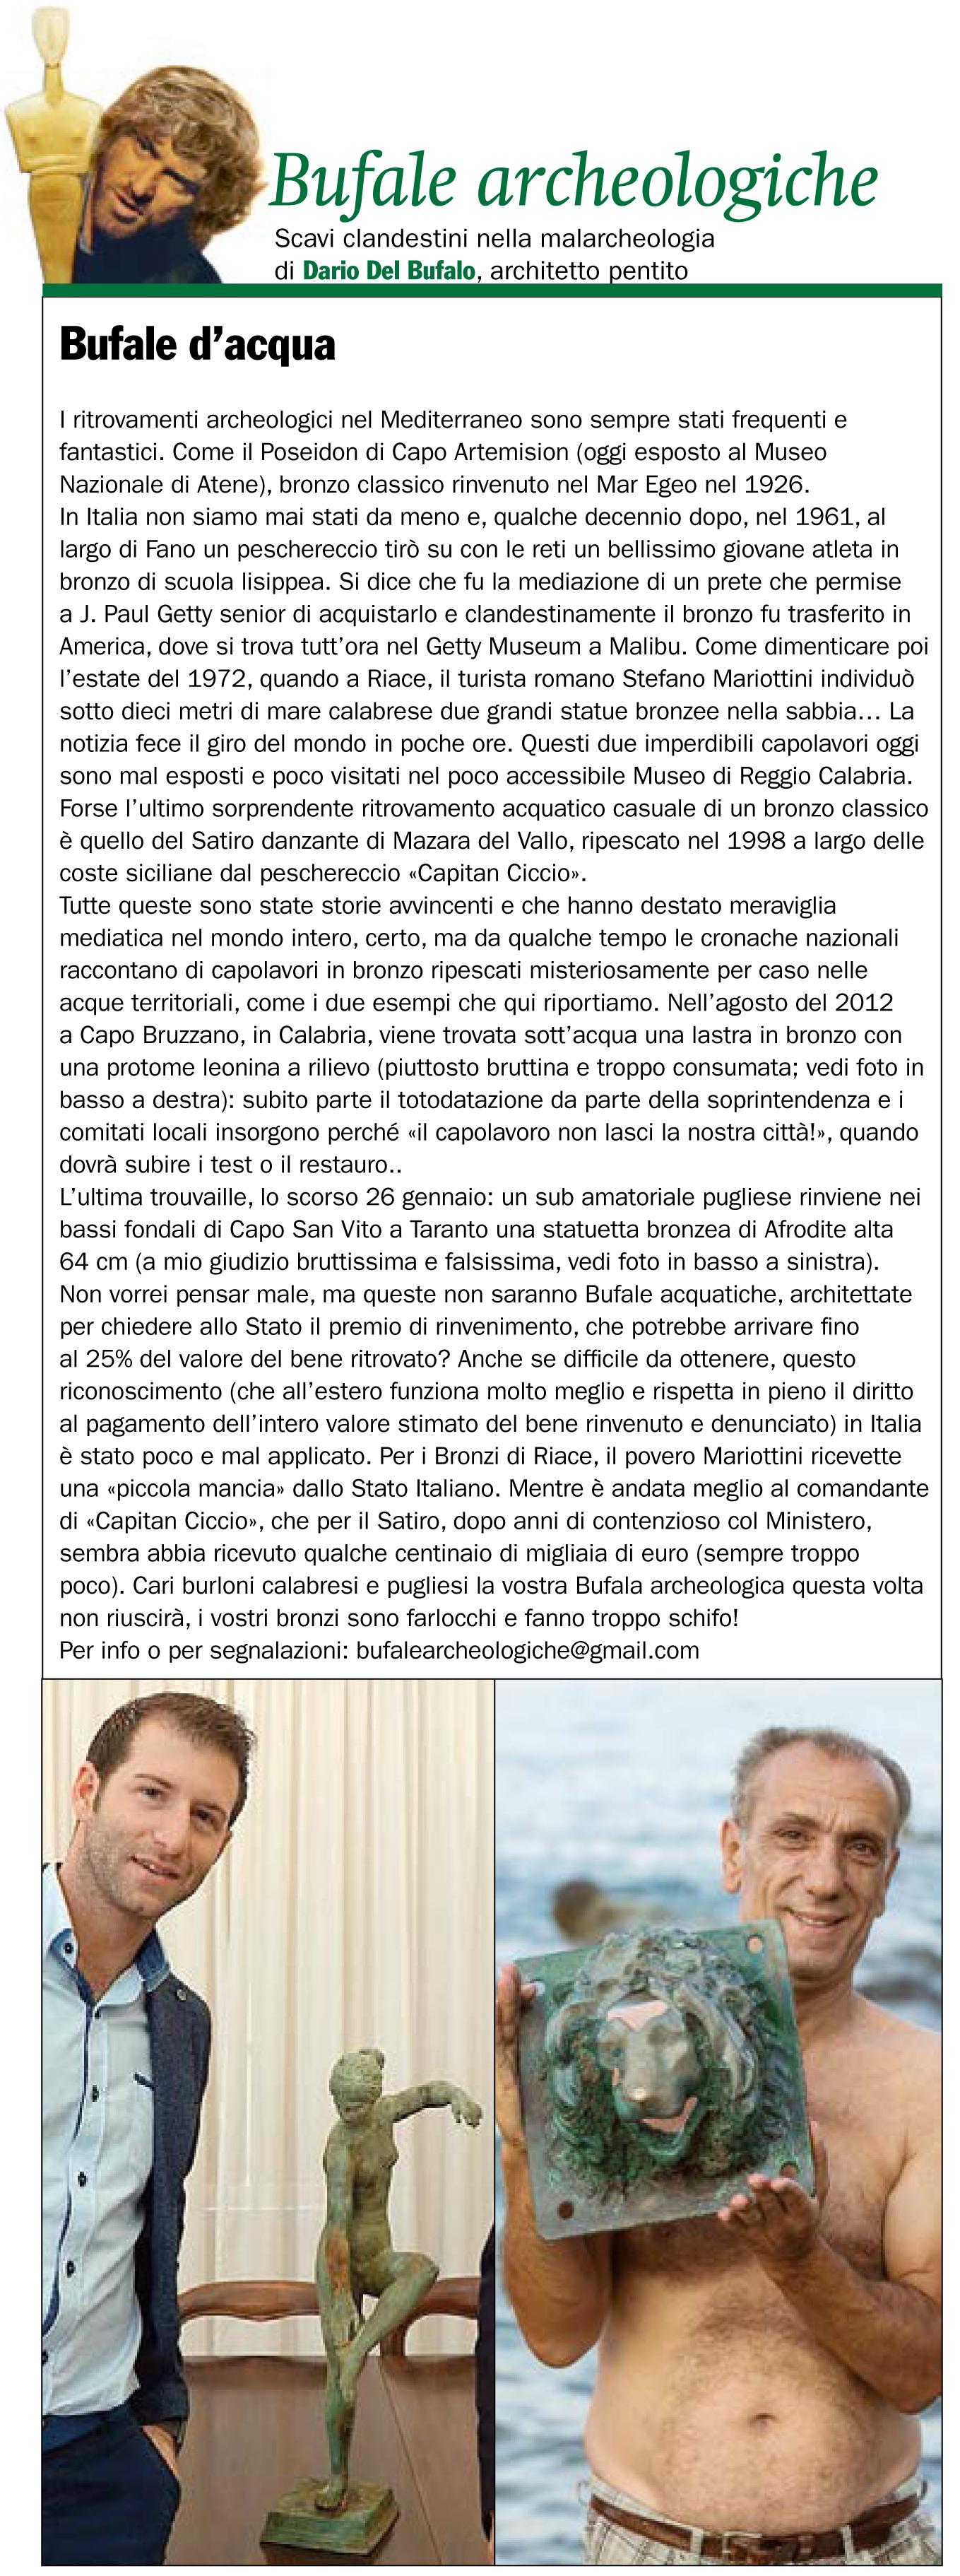 Bufale Archeologiche Giornale dell'Arte Marzo 2017 Dario Del Bufalo